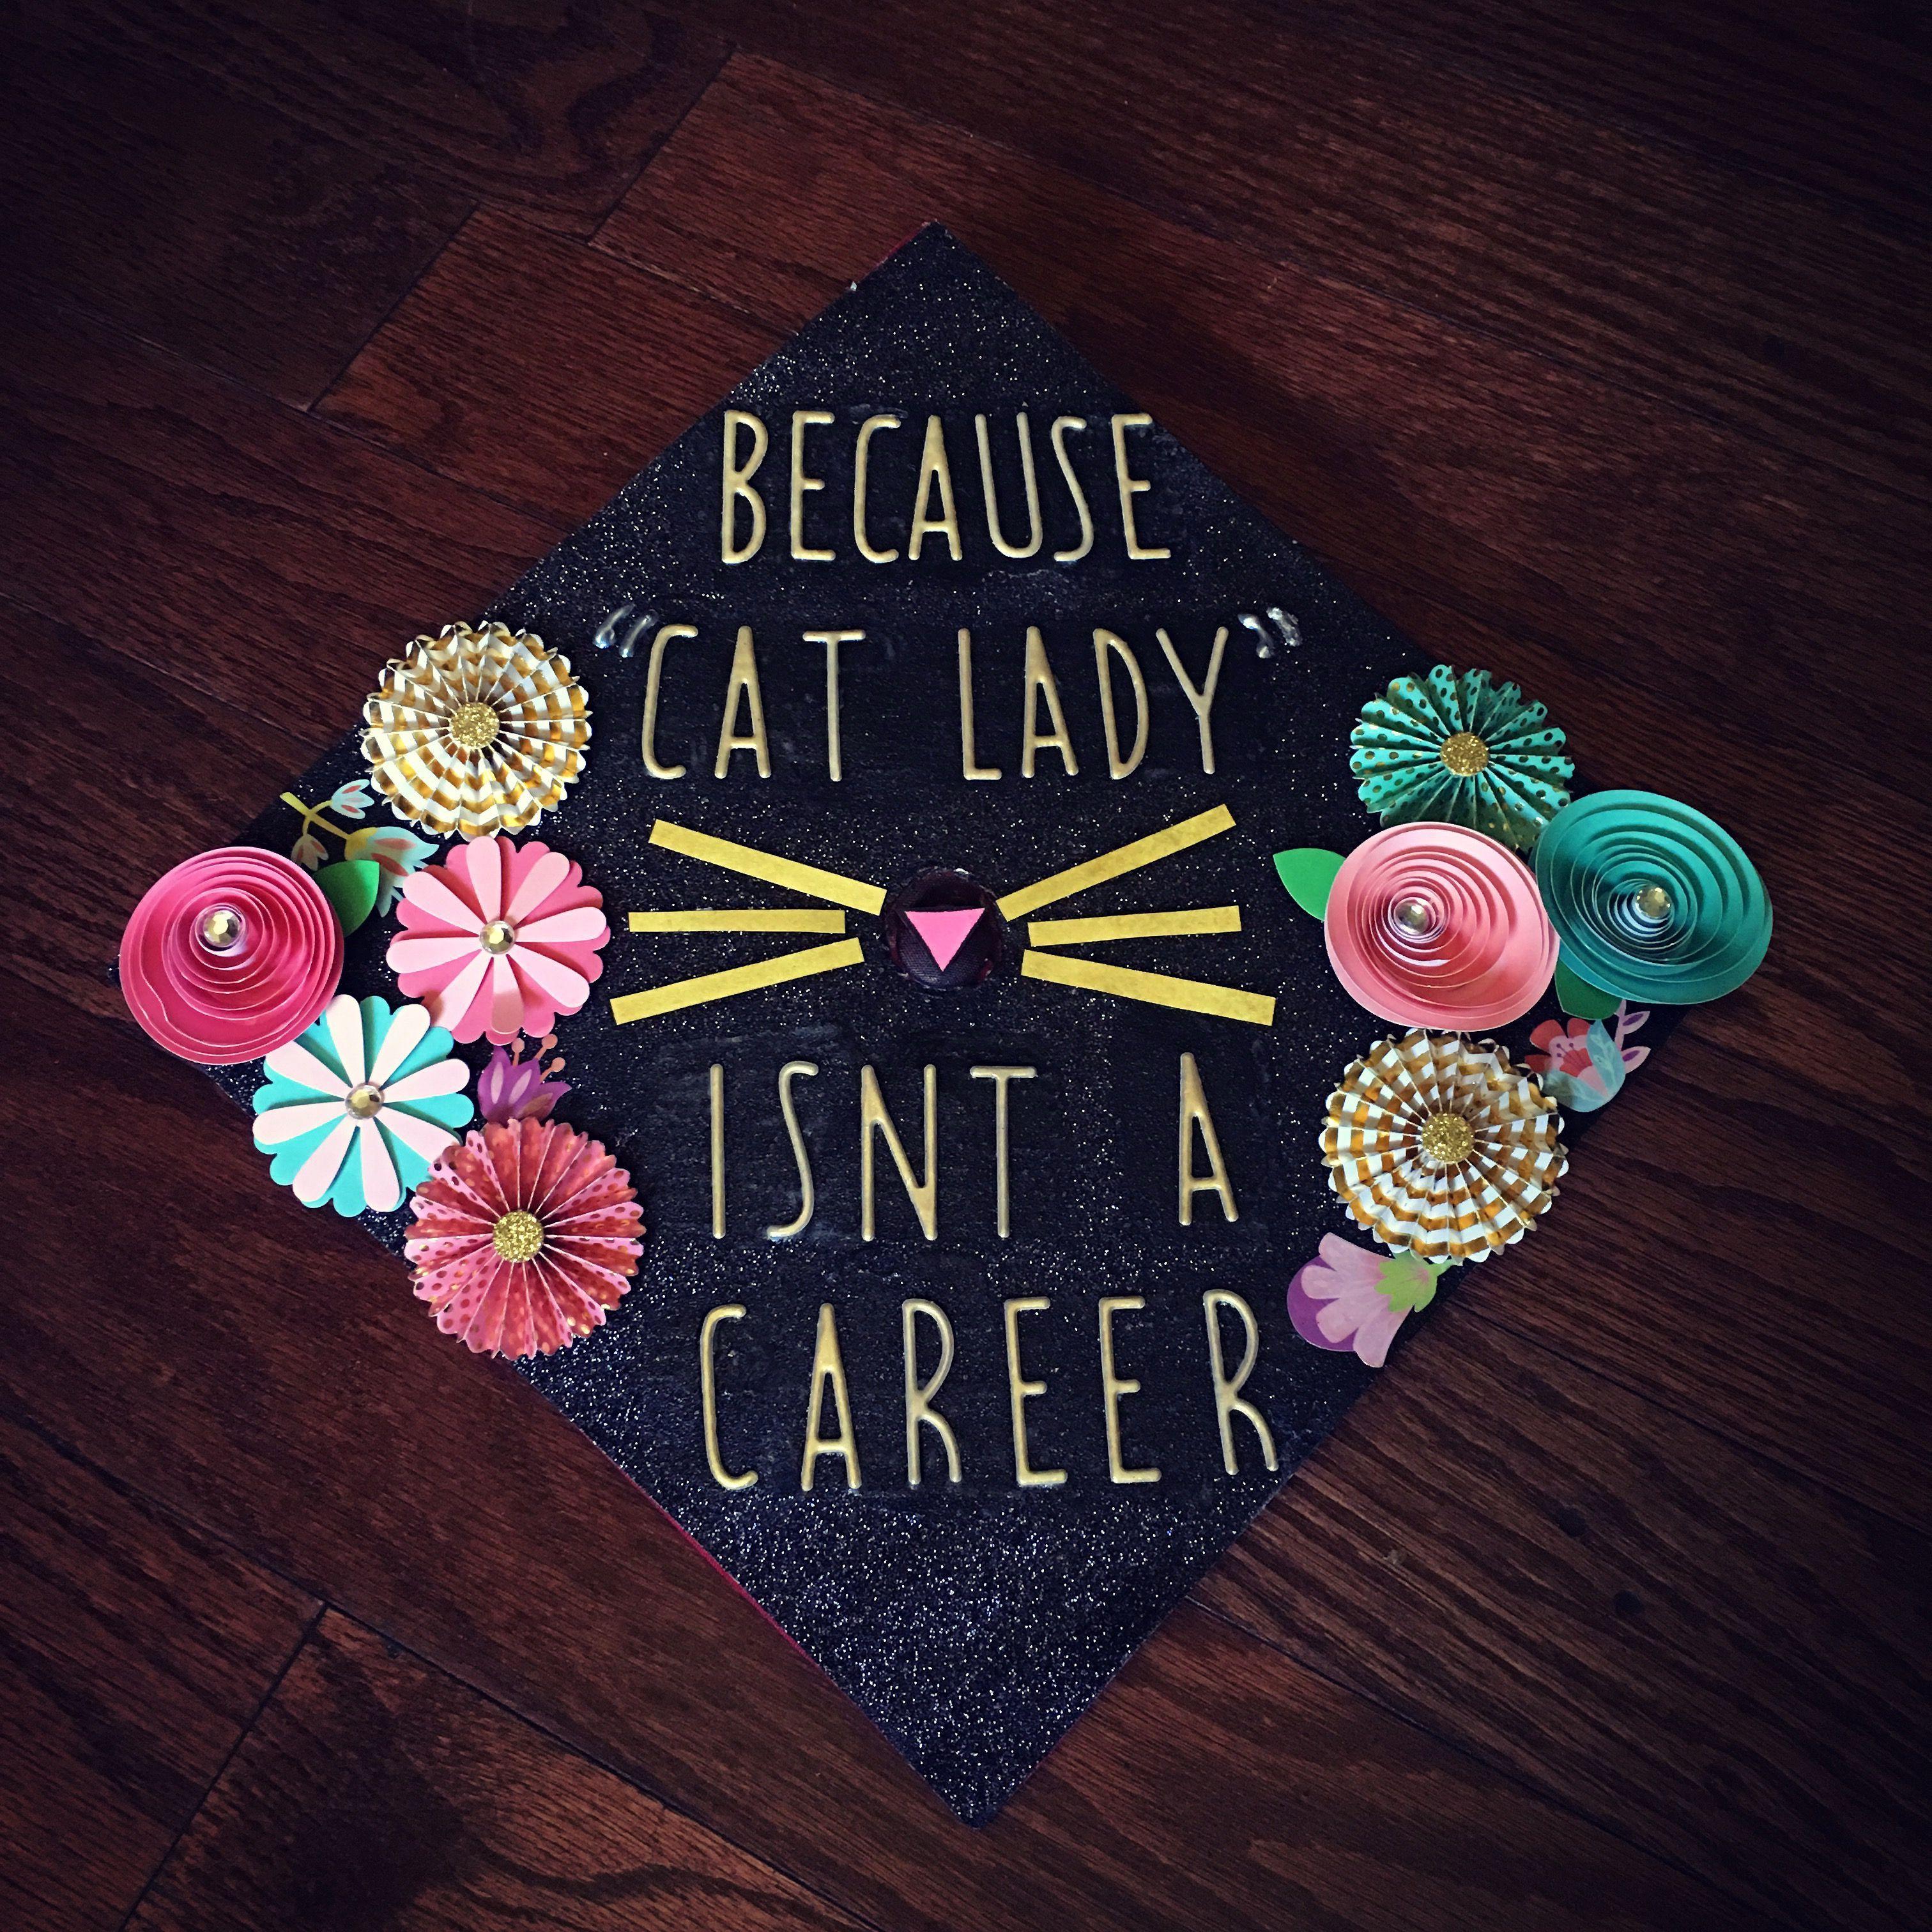 Flossy Ny Graduation Cap Nailed Ny Graduation Cap Nailed A Ny Graduation Cap Ideas 2018 Ny College Graduation Cap Ideas